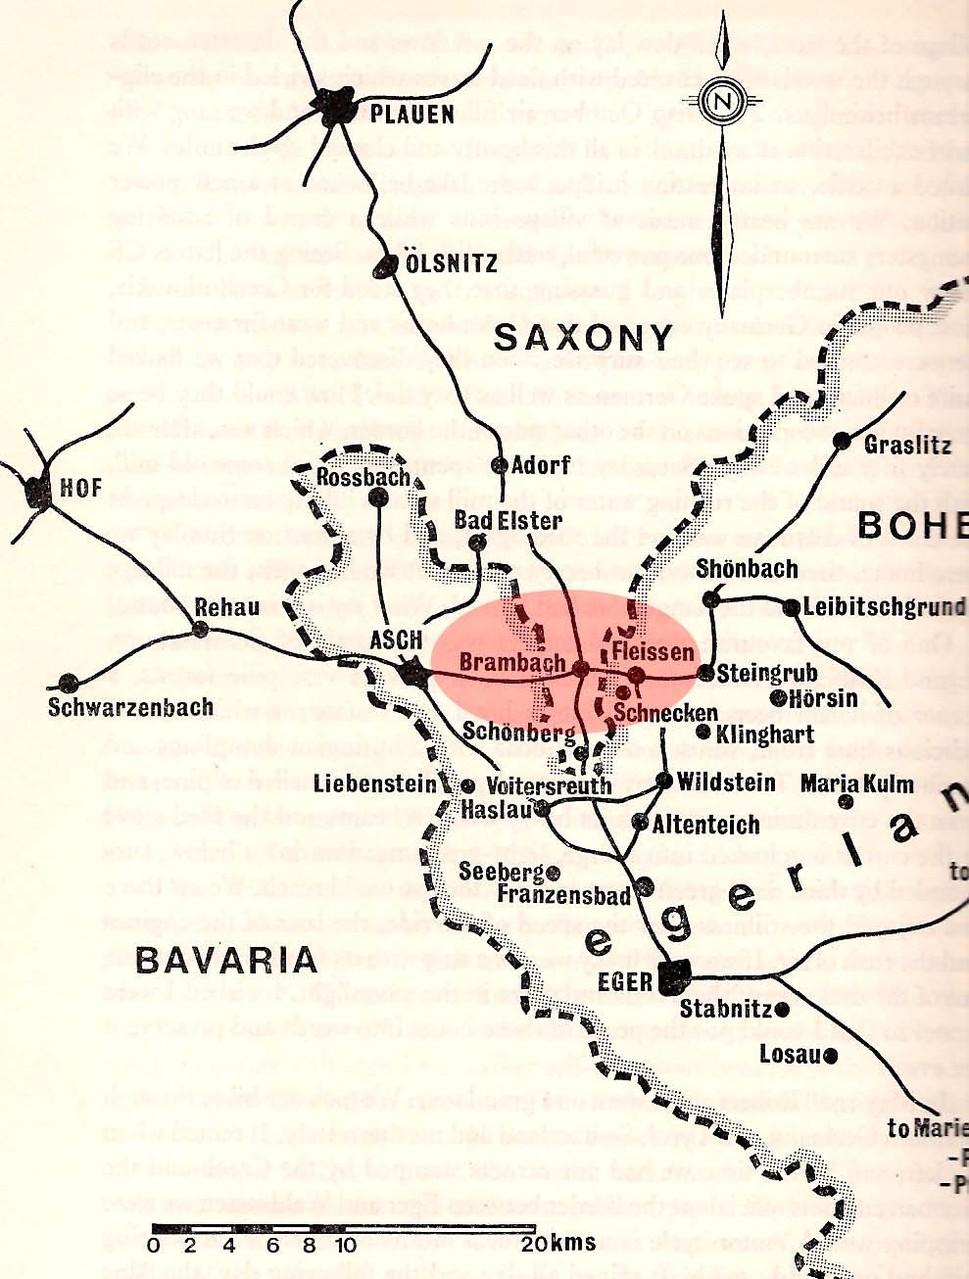 Kurze Entfernungen im kleinen Grenzverkehr zwischen Fleißen im Egerland (bis 1834 ohne Kirche) und Brambach im sächsischen Vogtland